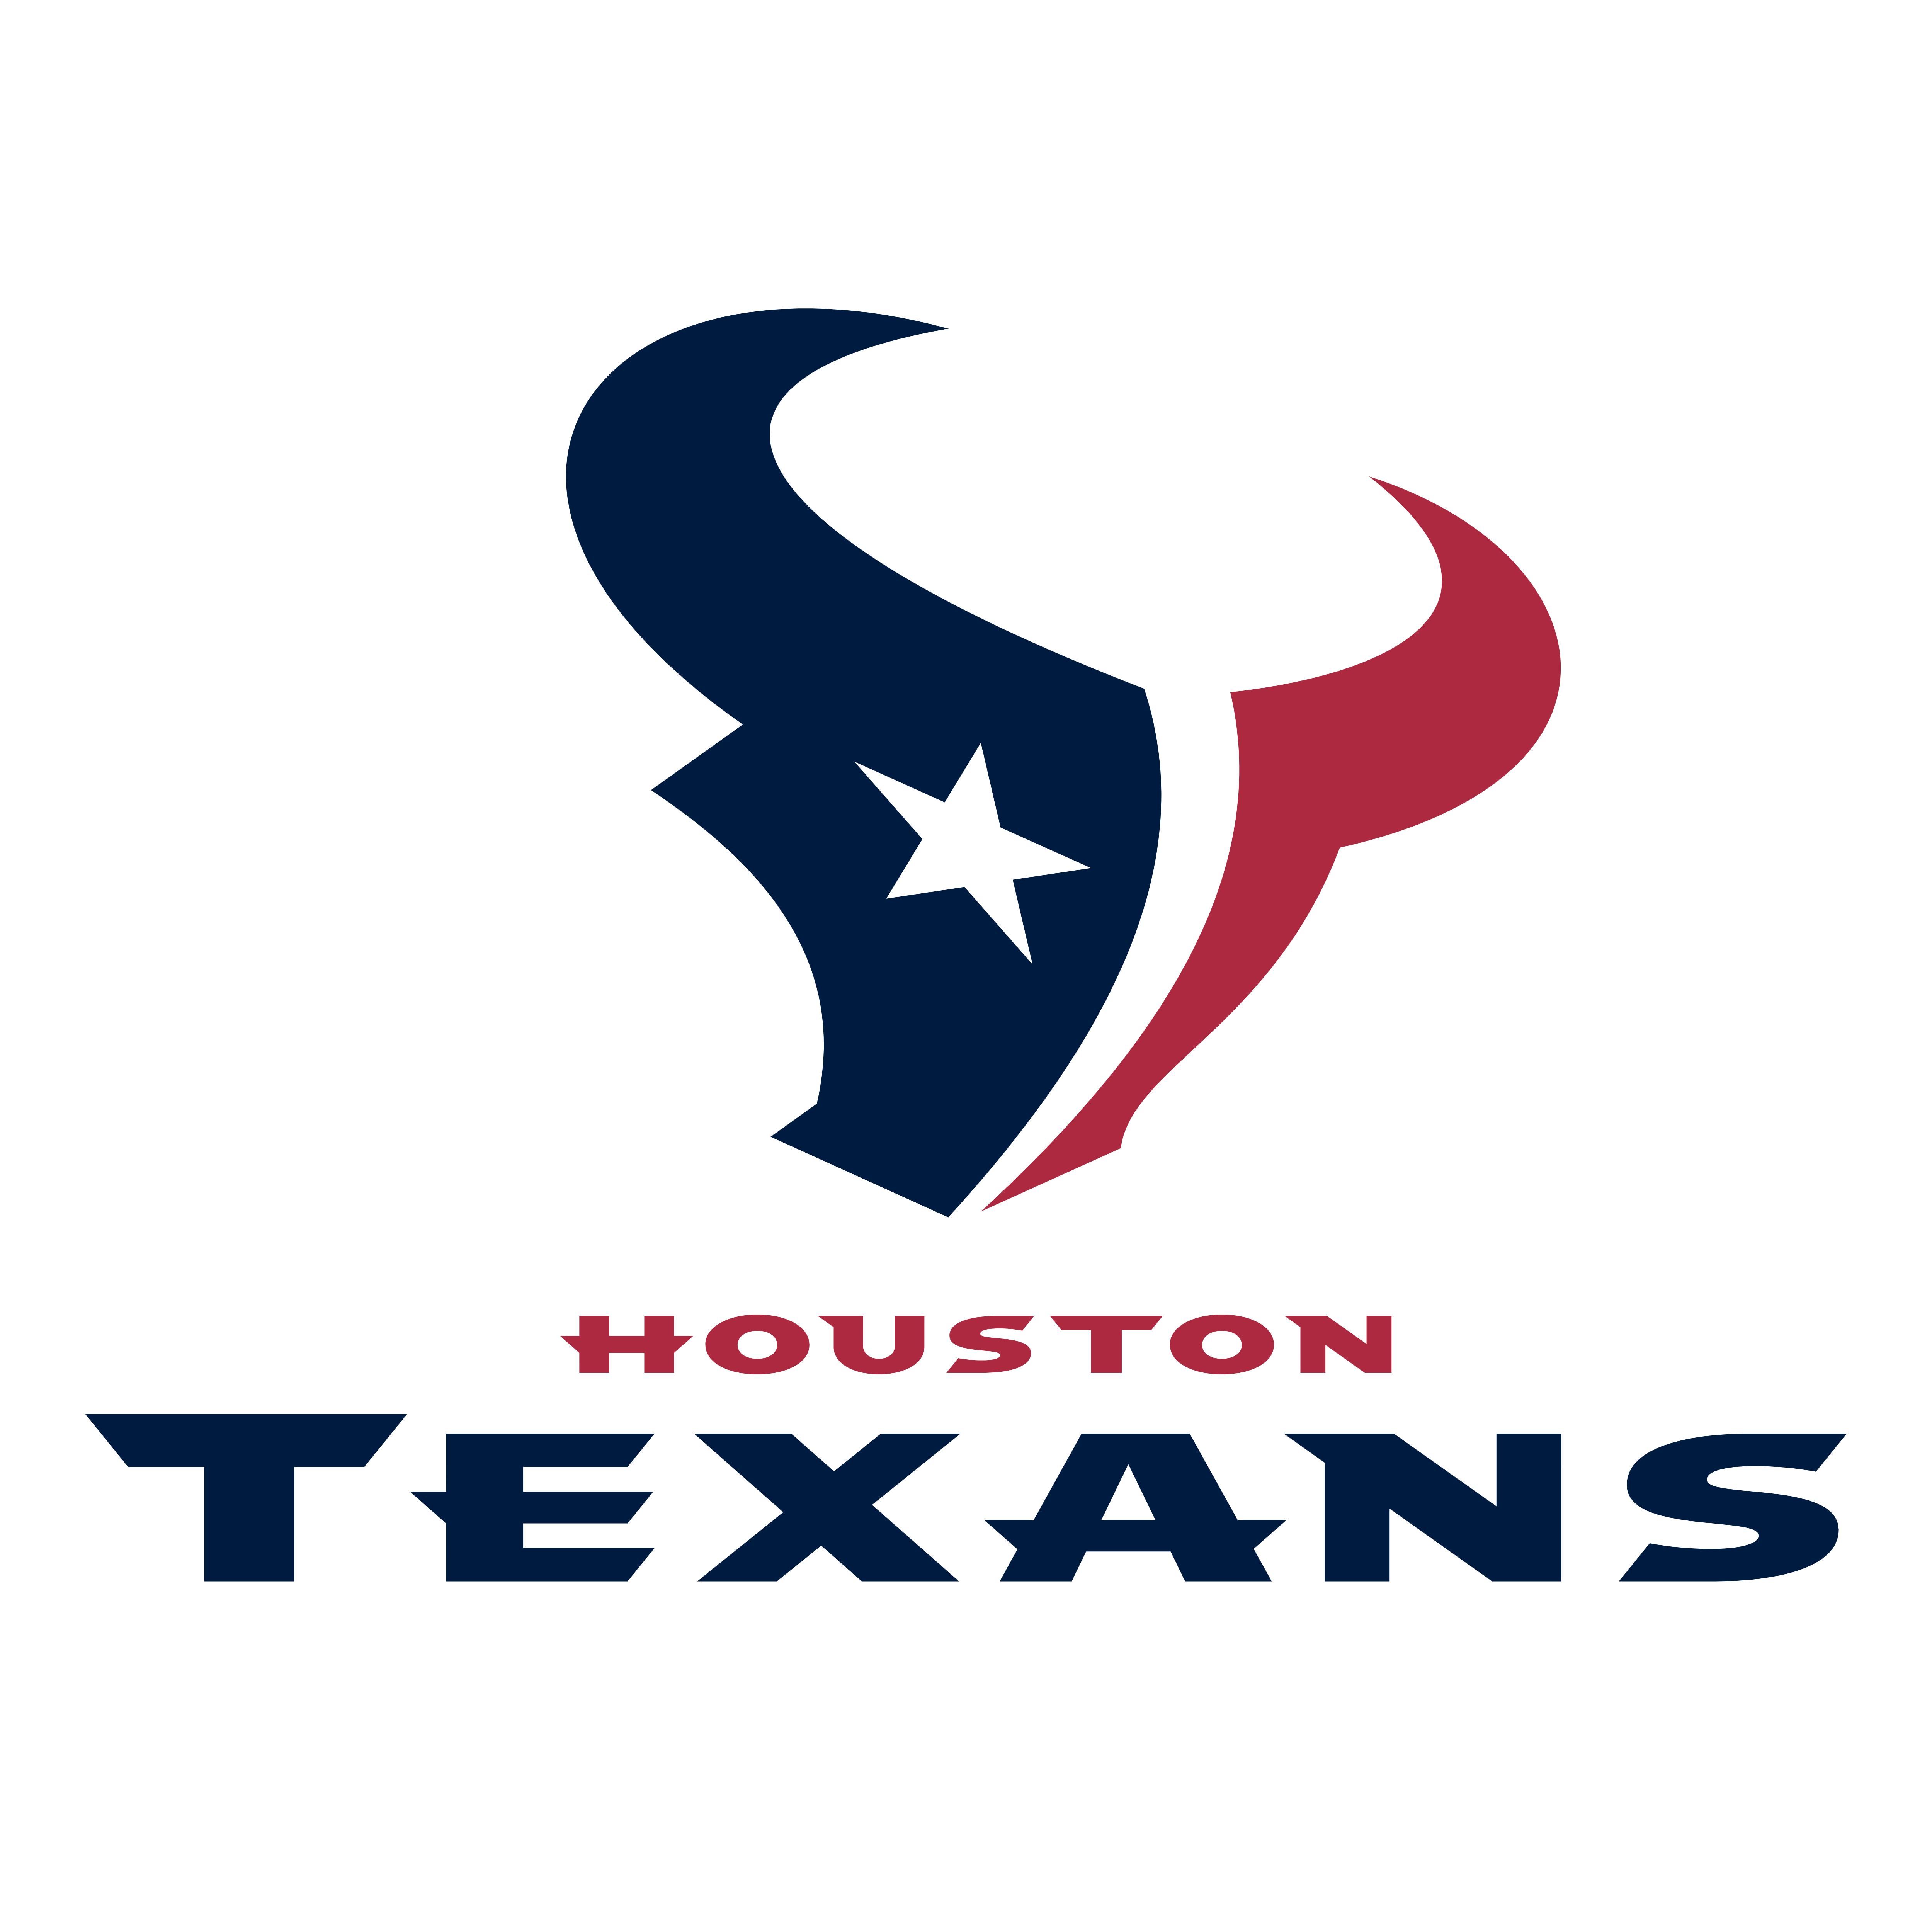 Houston Texans: Logos Download